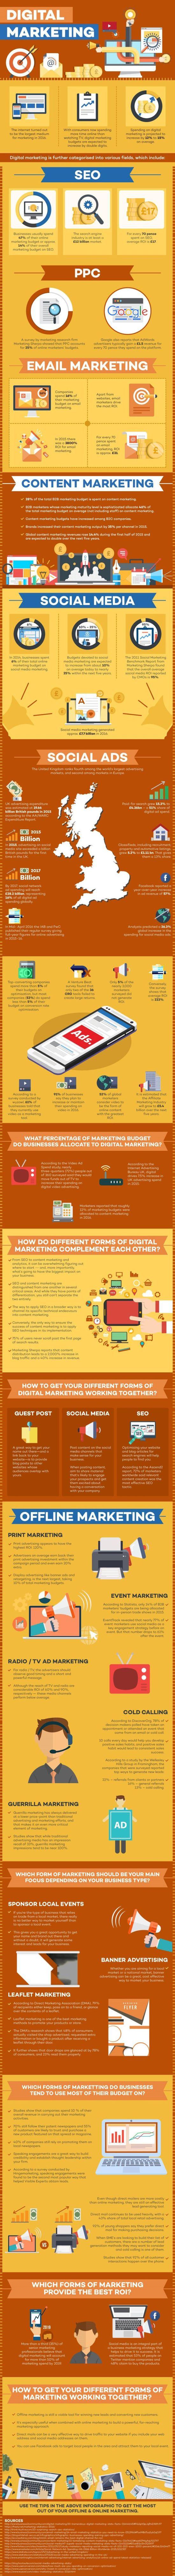 Online vs. Offline M